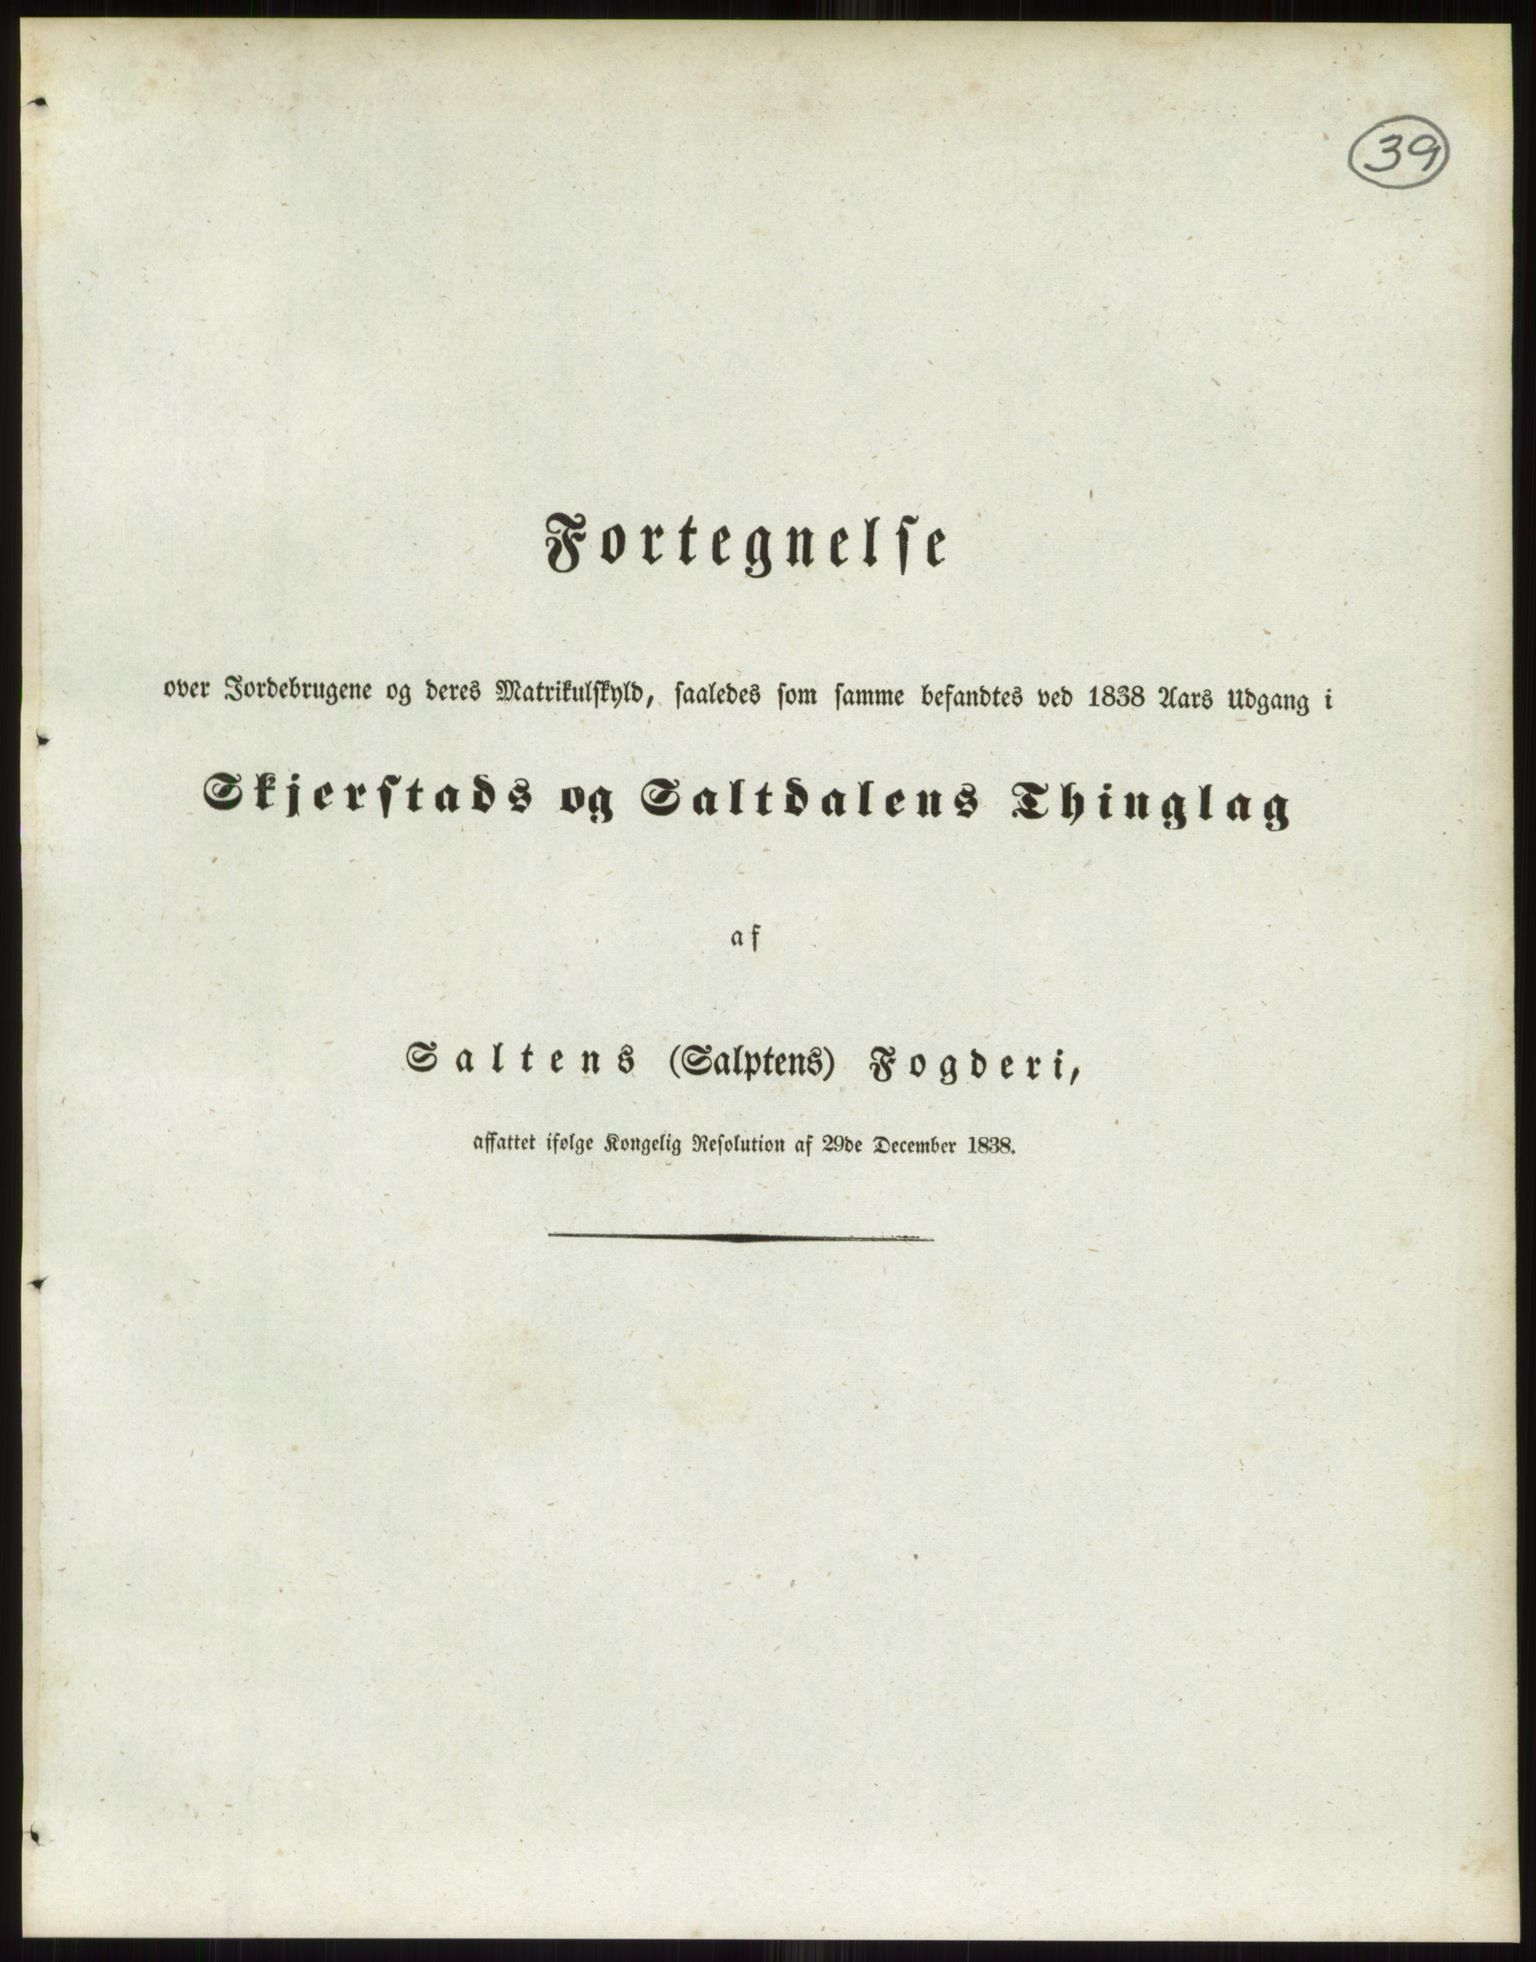 RA, 1838-matrikkelen (publikasjon)*, 1838, s. 39